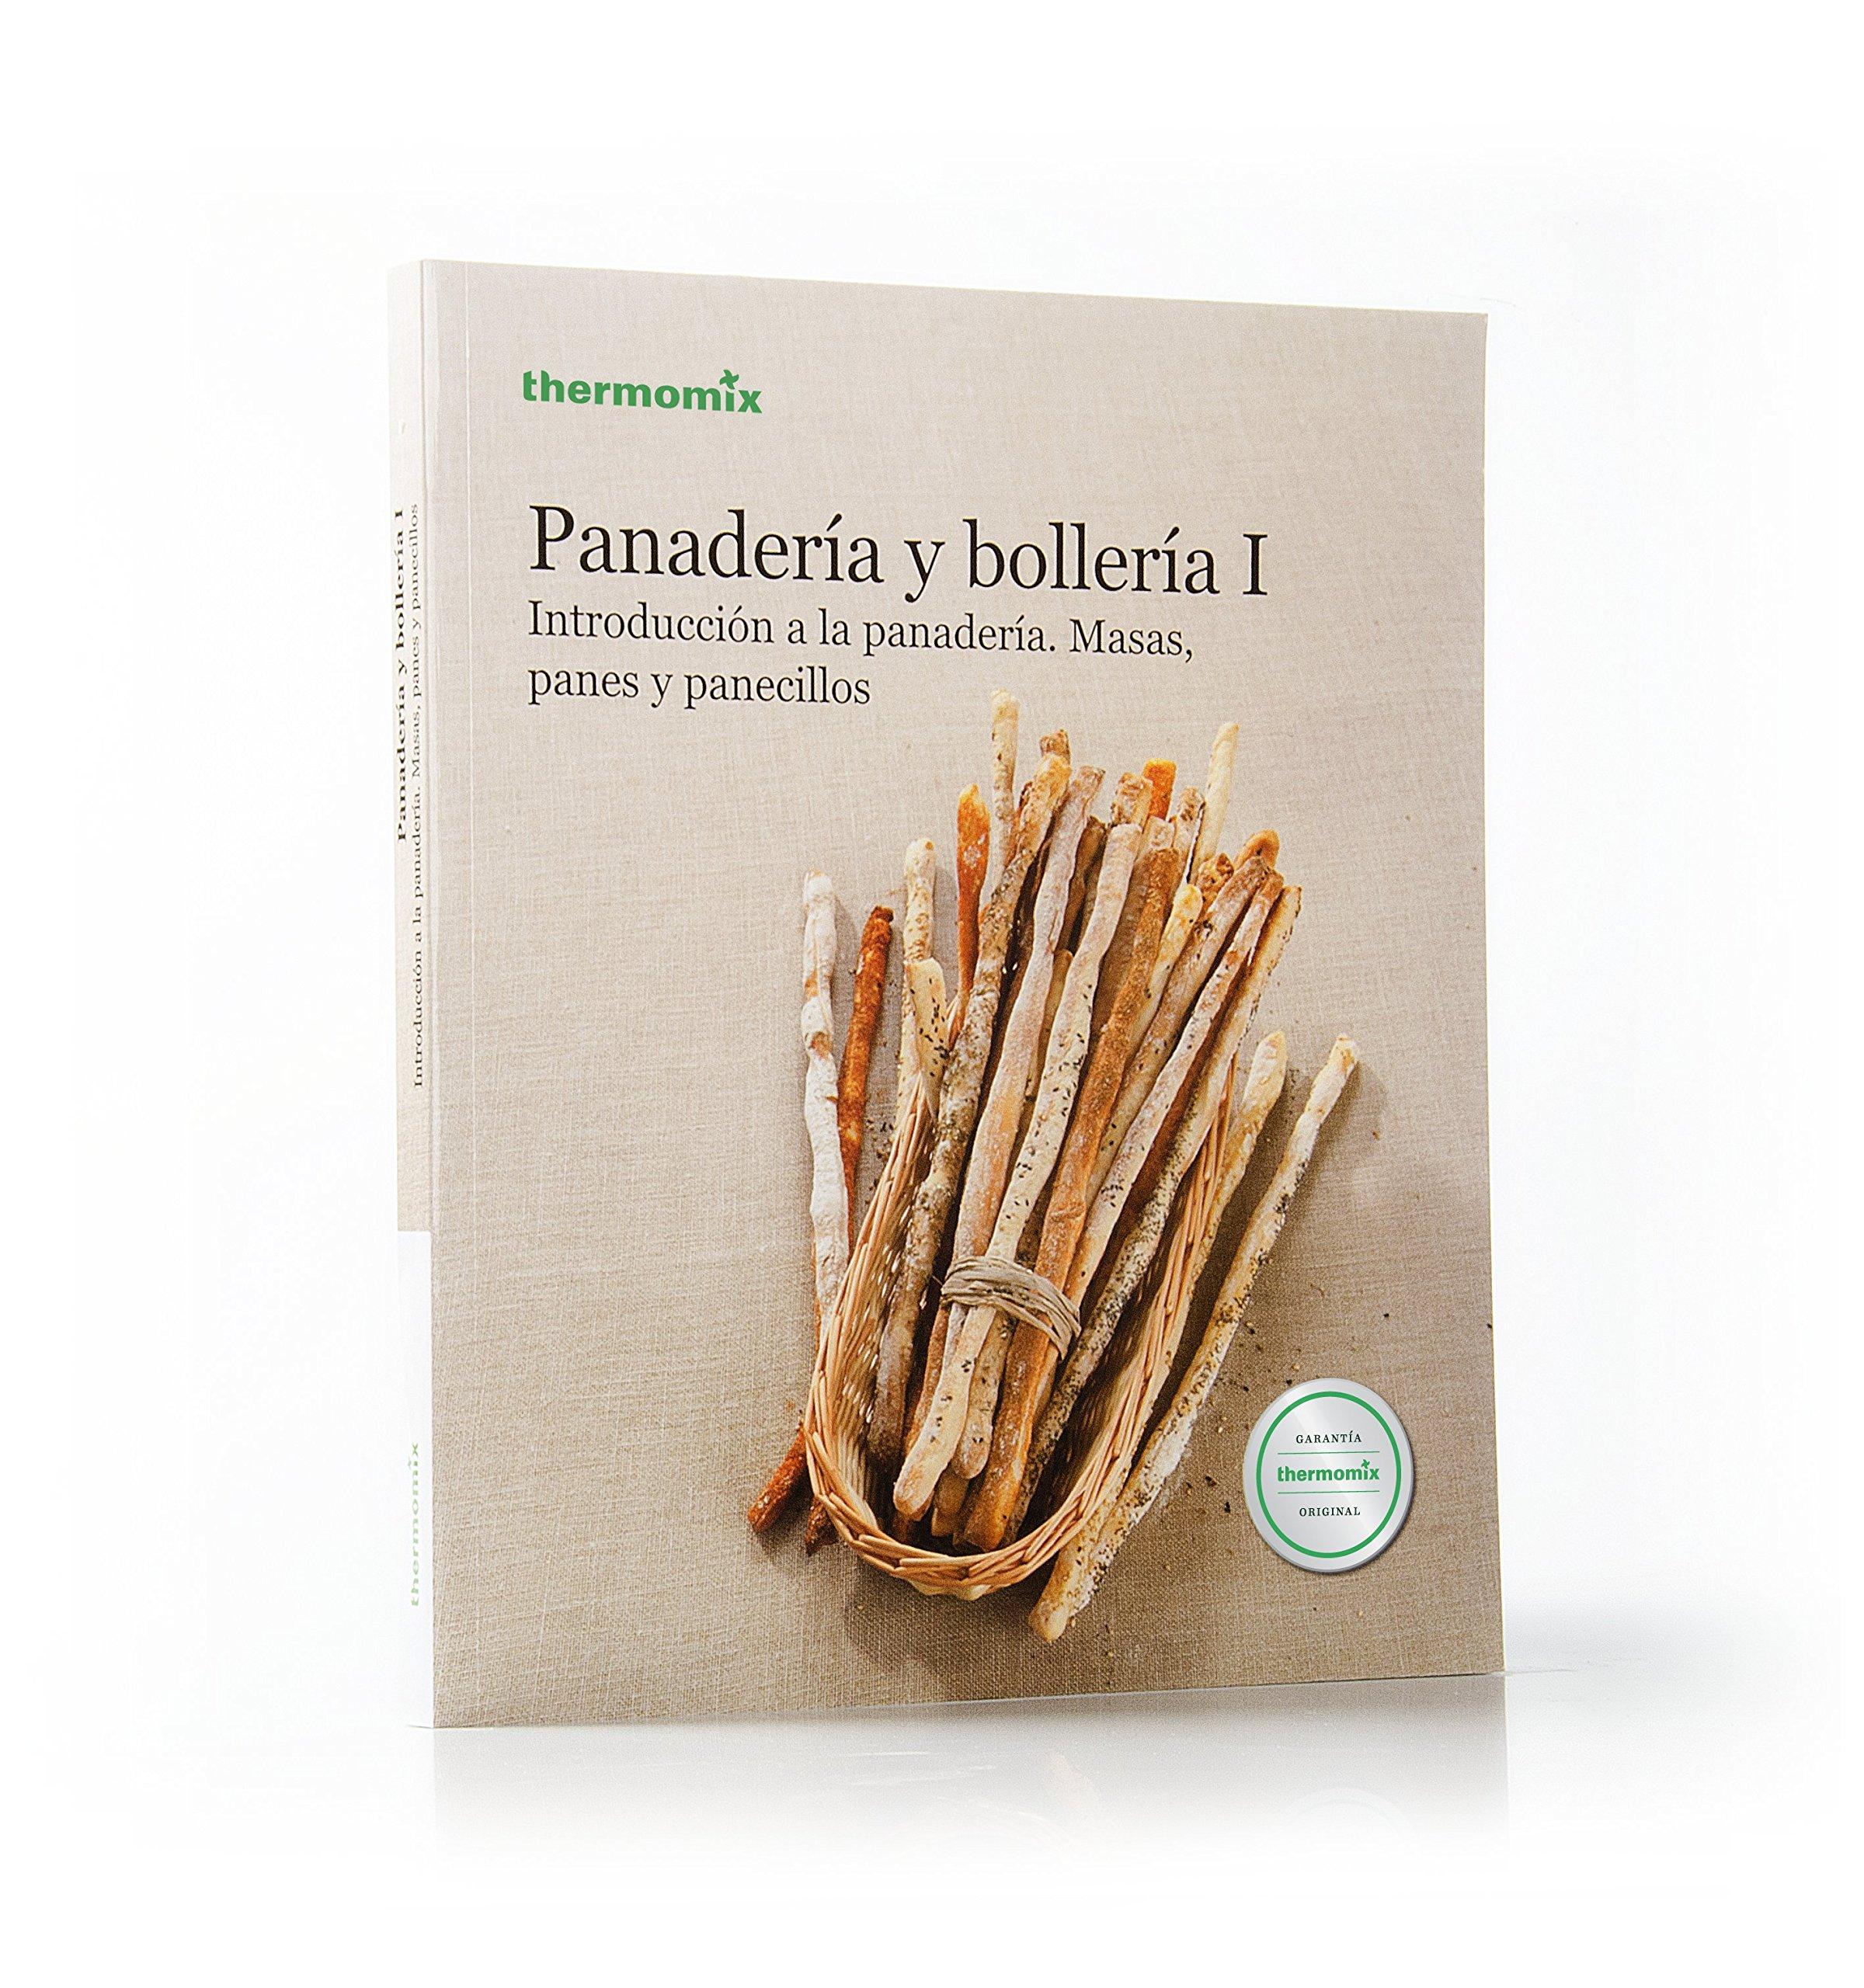 Panadería y bollería I: introducción a la panadería : masas, panes y panecillos: AA.VV: 9788461710522: Amazon.com: Books